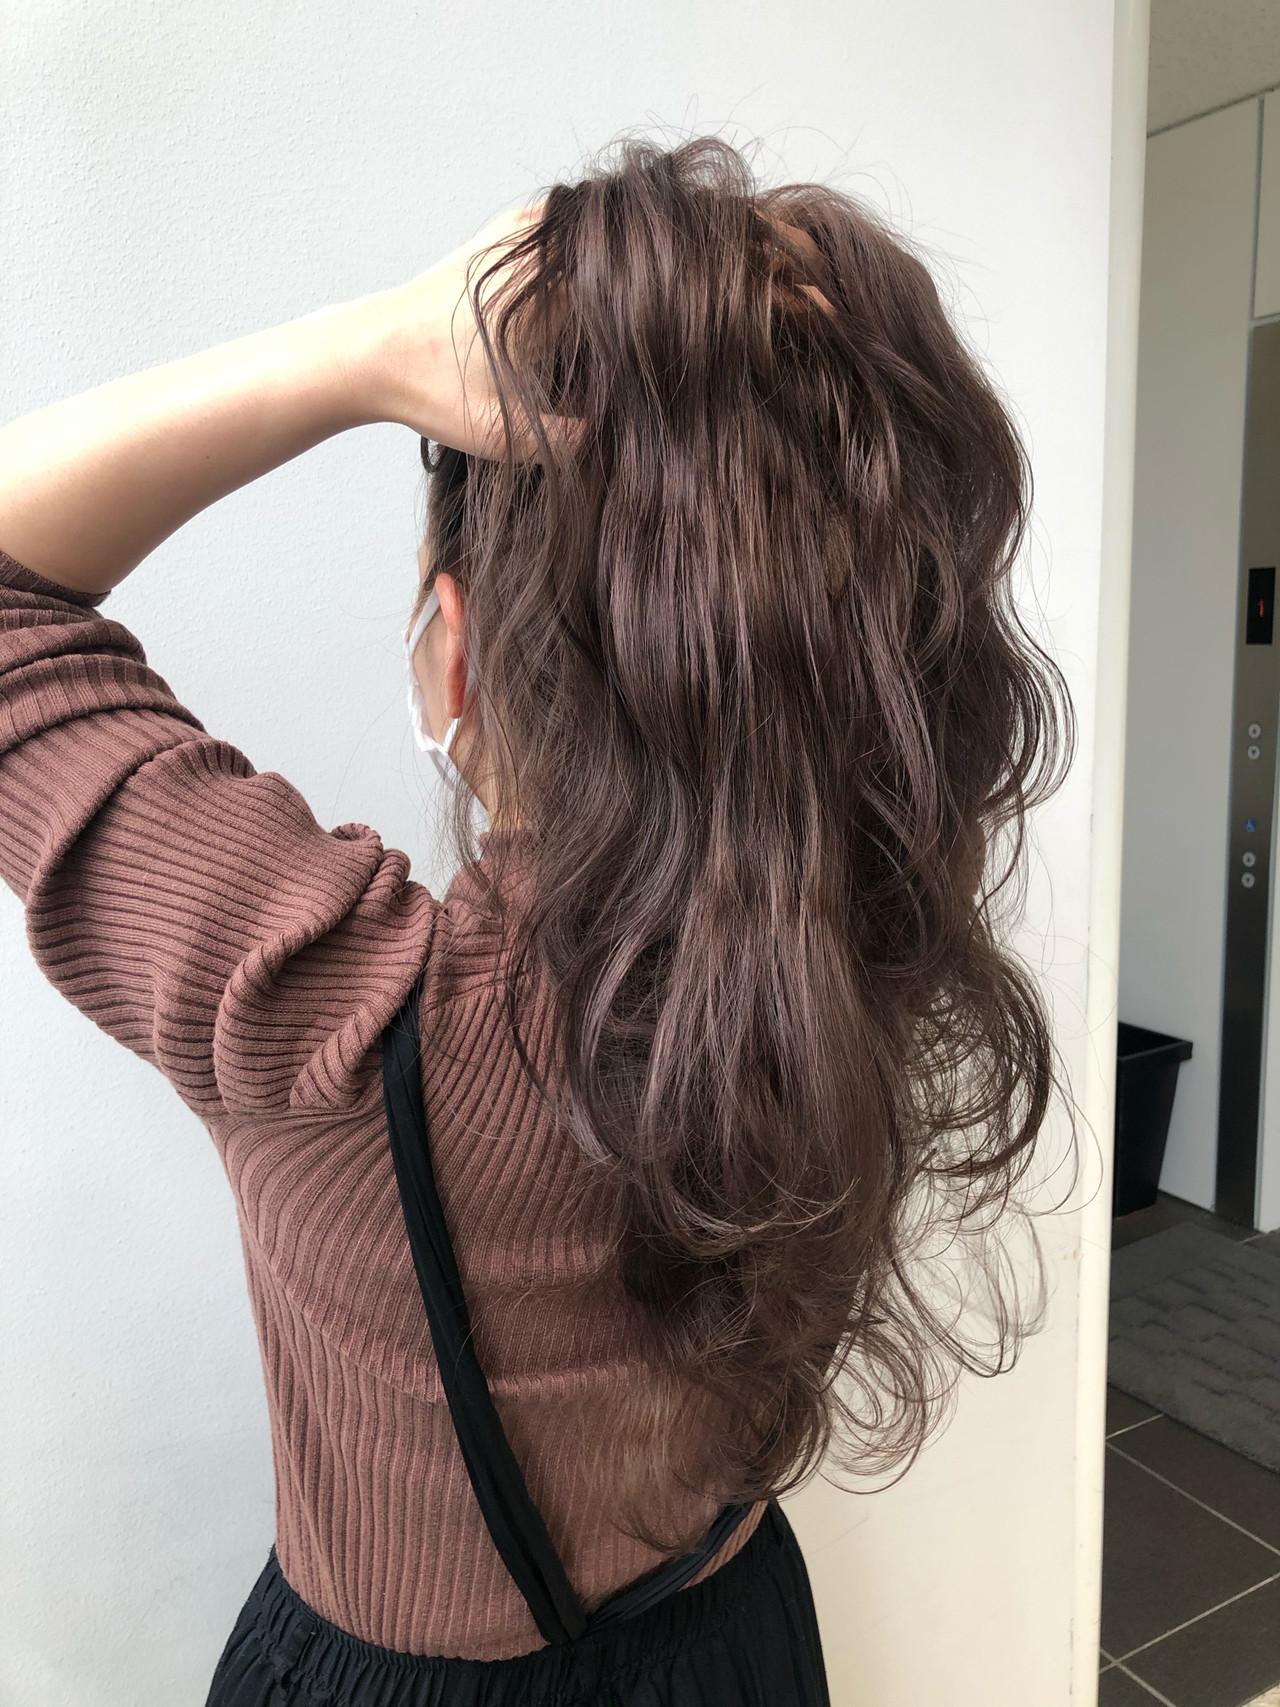 ハイライト 大人ハイライト ロング ラベージュ ヘアスタイルや髪型の写真・画像